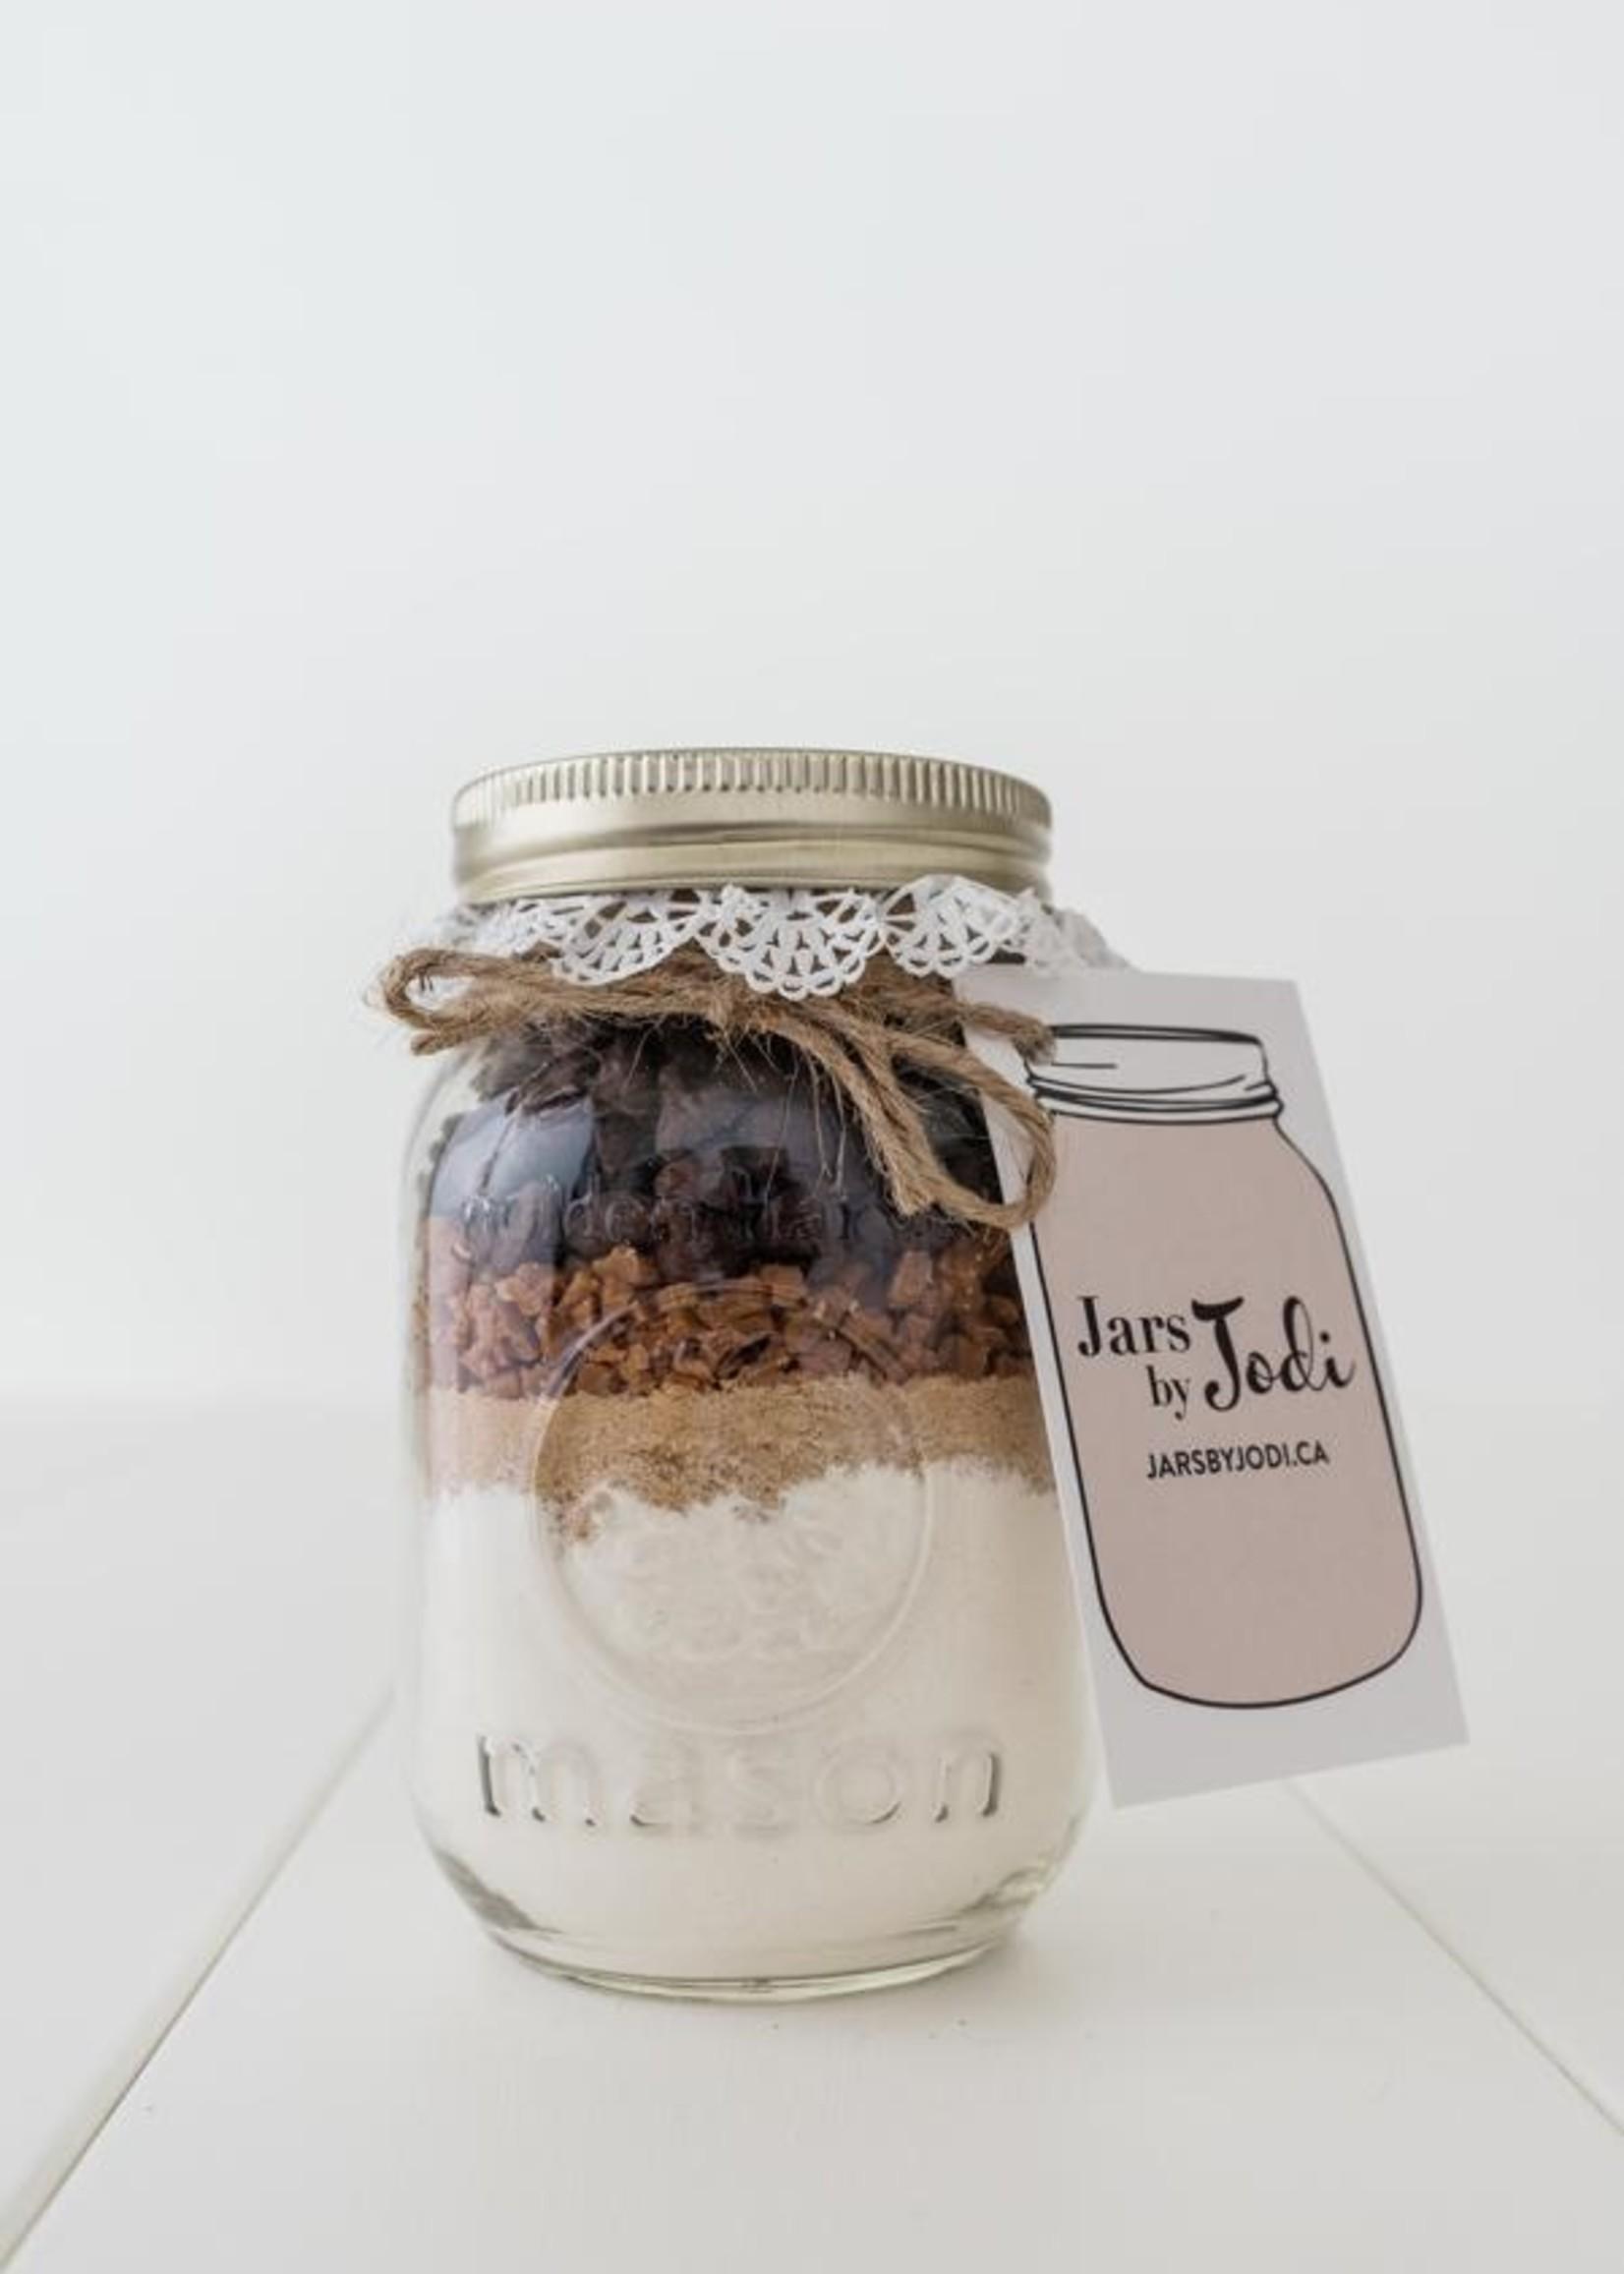 Jars By Jodi Skor Bit Cookies | Mini